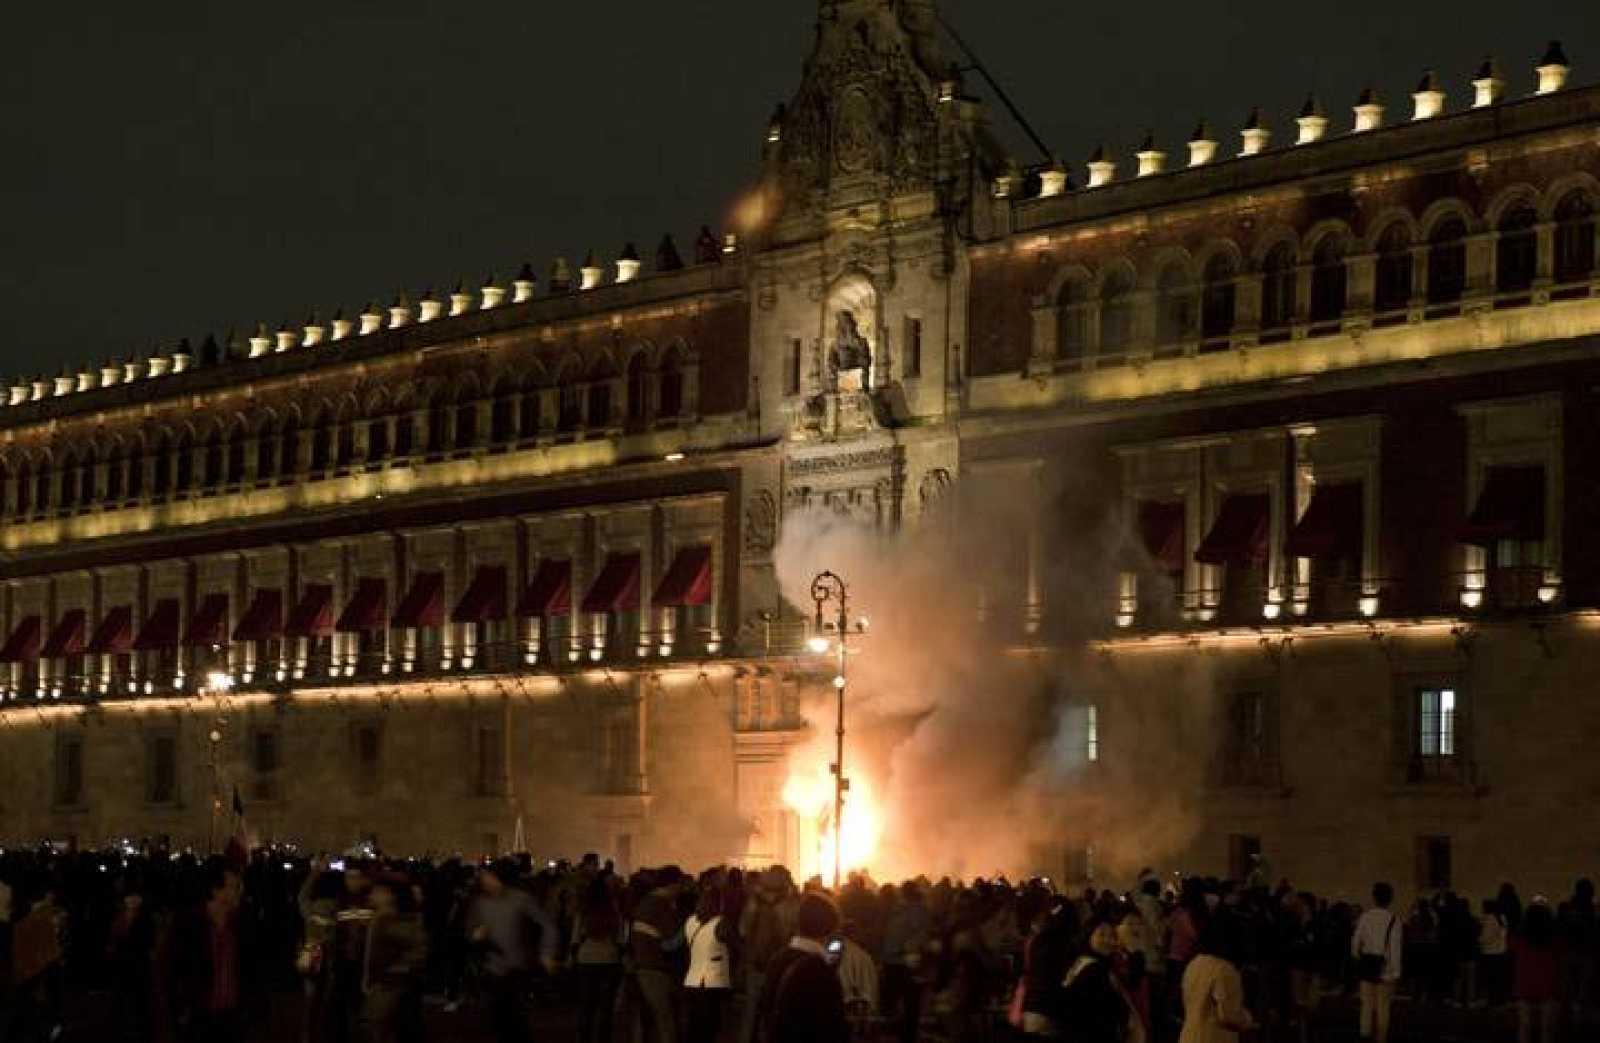 Las puertas del Palacio Nacional, sede del Ejecutivo mexicano, arden ante la mirada de cientos de manifestantes